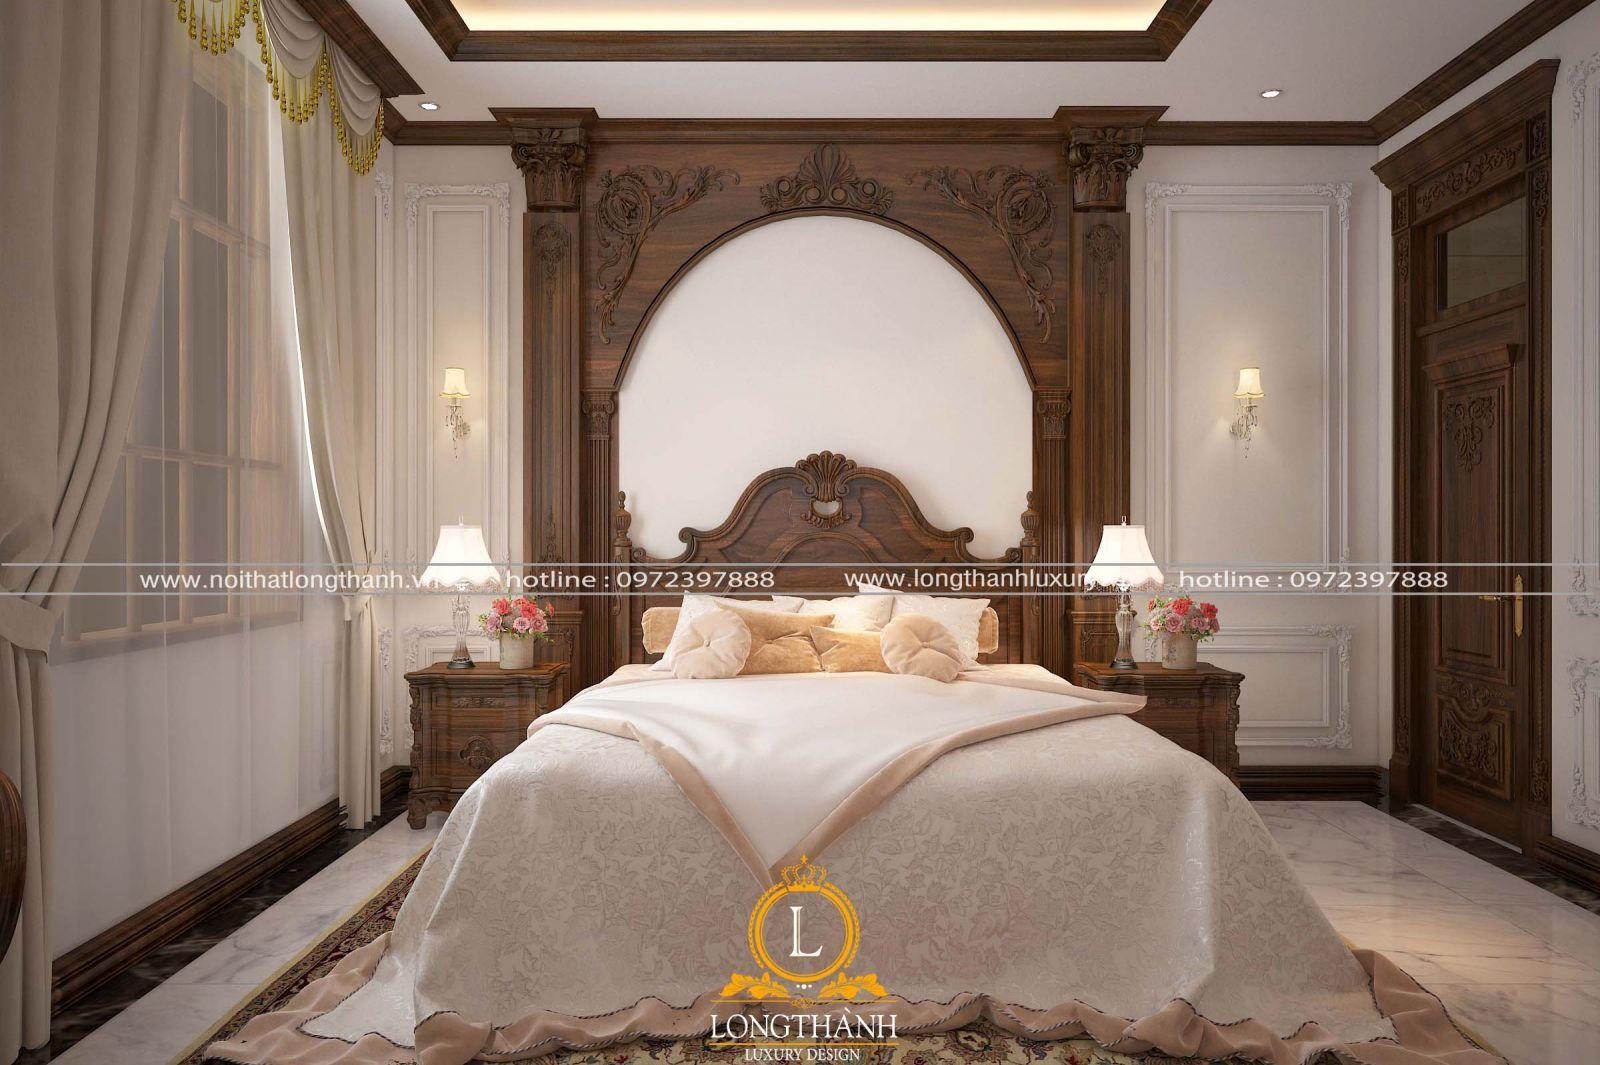 Phòng ngủ cho bé gái theo phong cách tân cổ điển